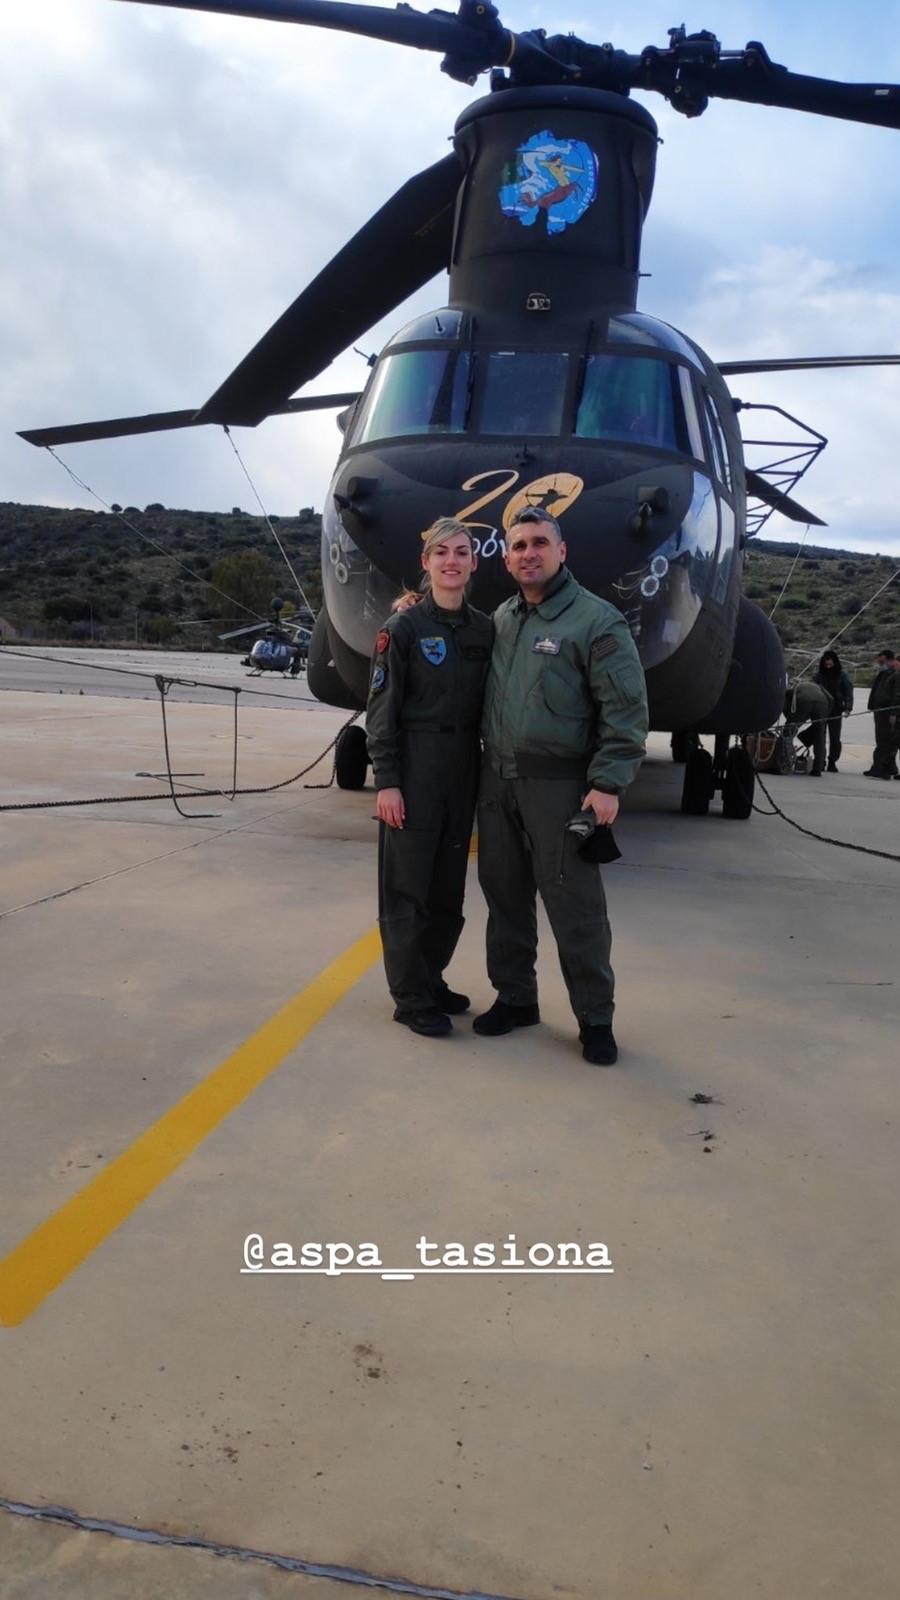 Πέταξε Χθες Με Τη Πολεμική Αεροπορία Στην Παρέλαση Της Αθήνας